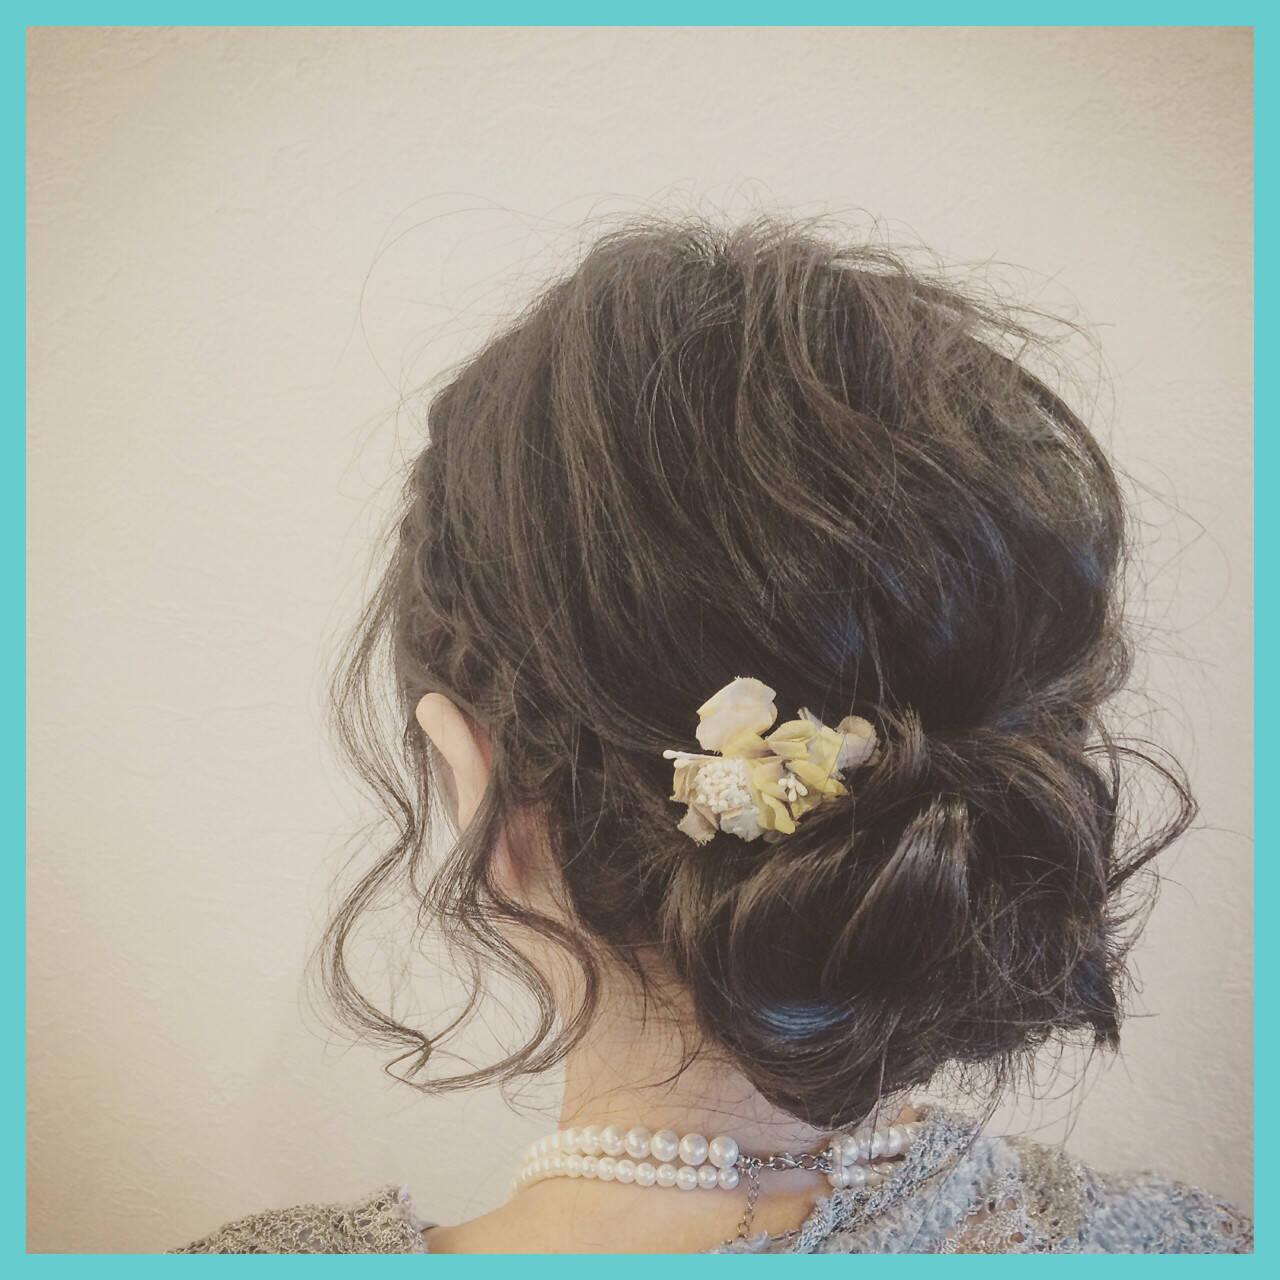 ゆるふわ 大人かわいい ミディアム 簡単ヘアアレンジヘアスタイルや髪型の写真・画像